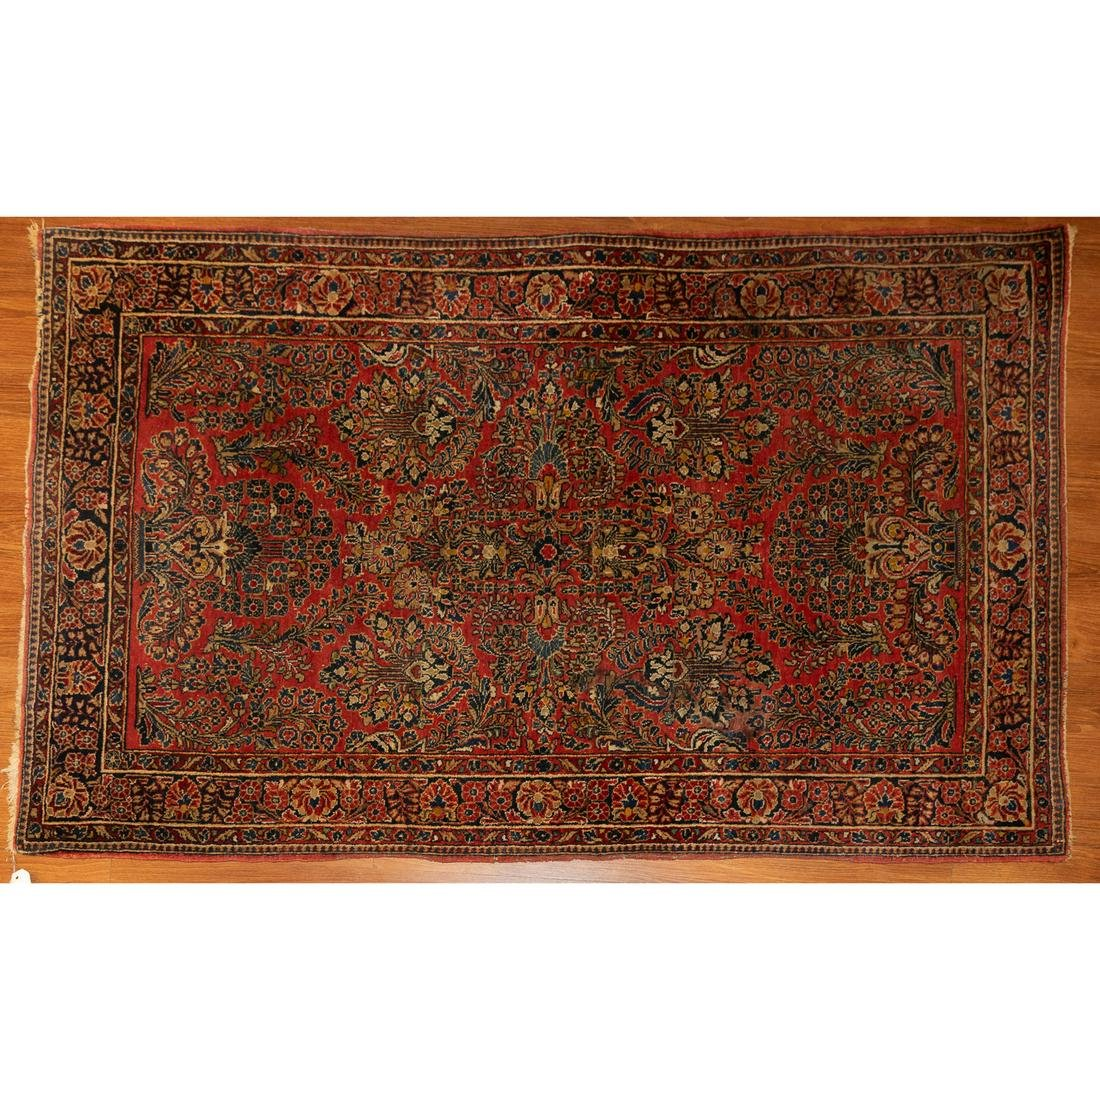 Semi-Antique Sarouk Rug, Persia, 3.5 x 5.5